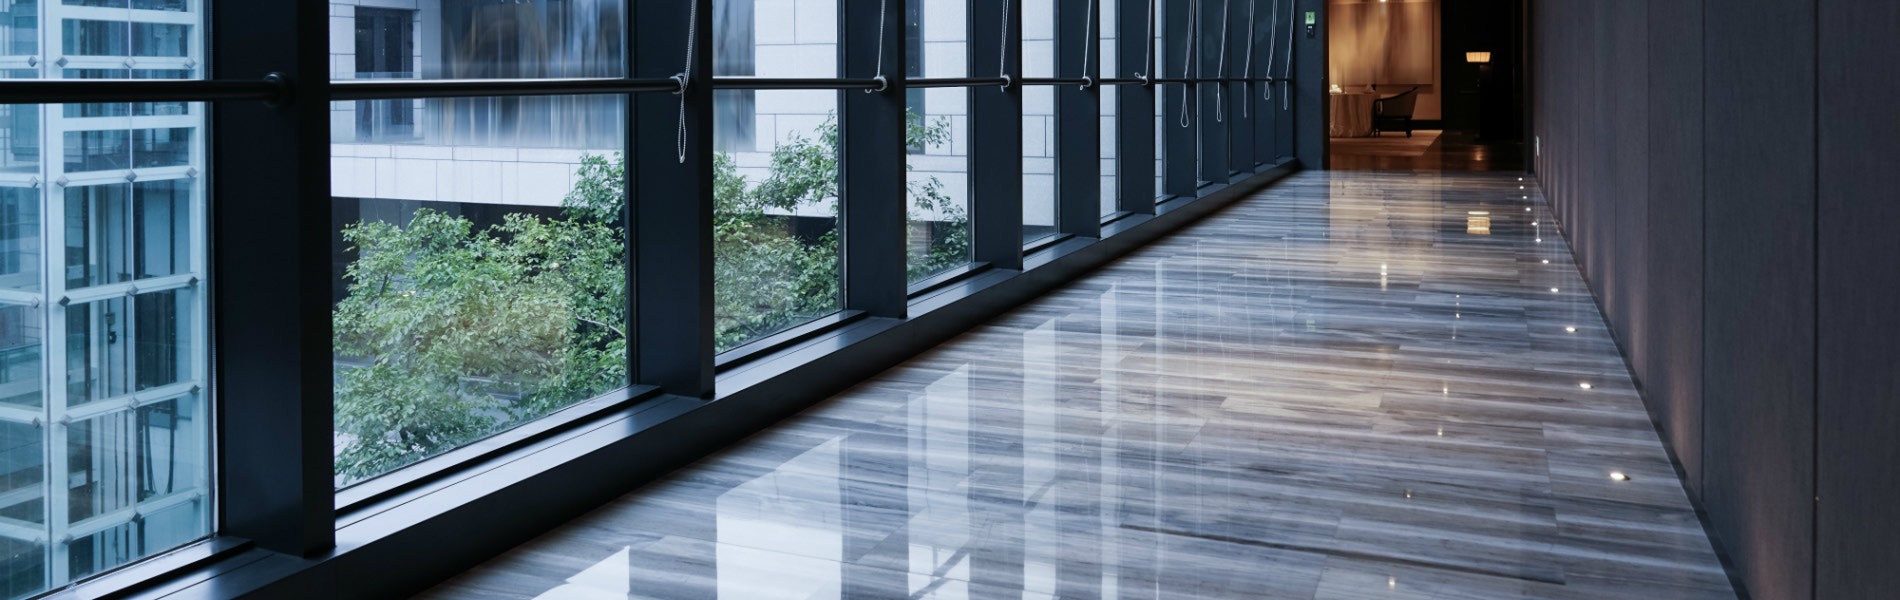 Cedar Tree Flooring   Tile